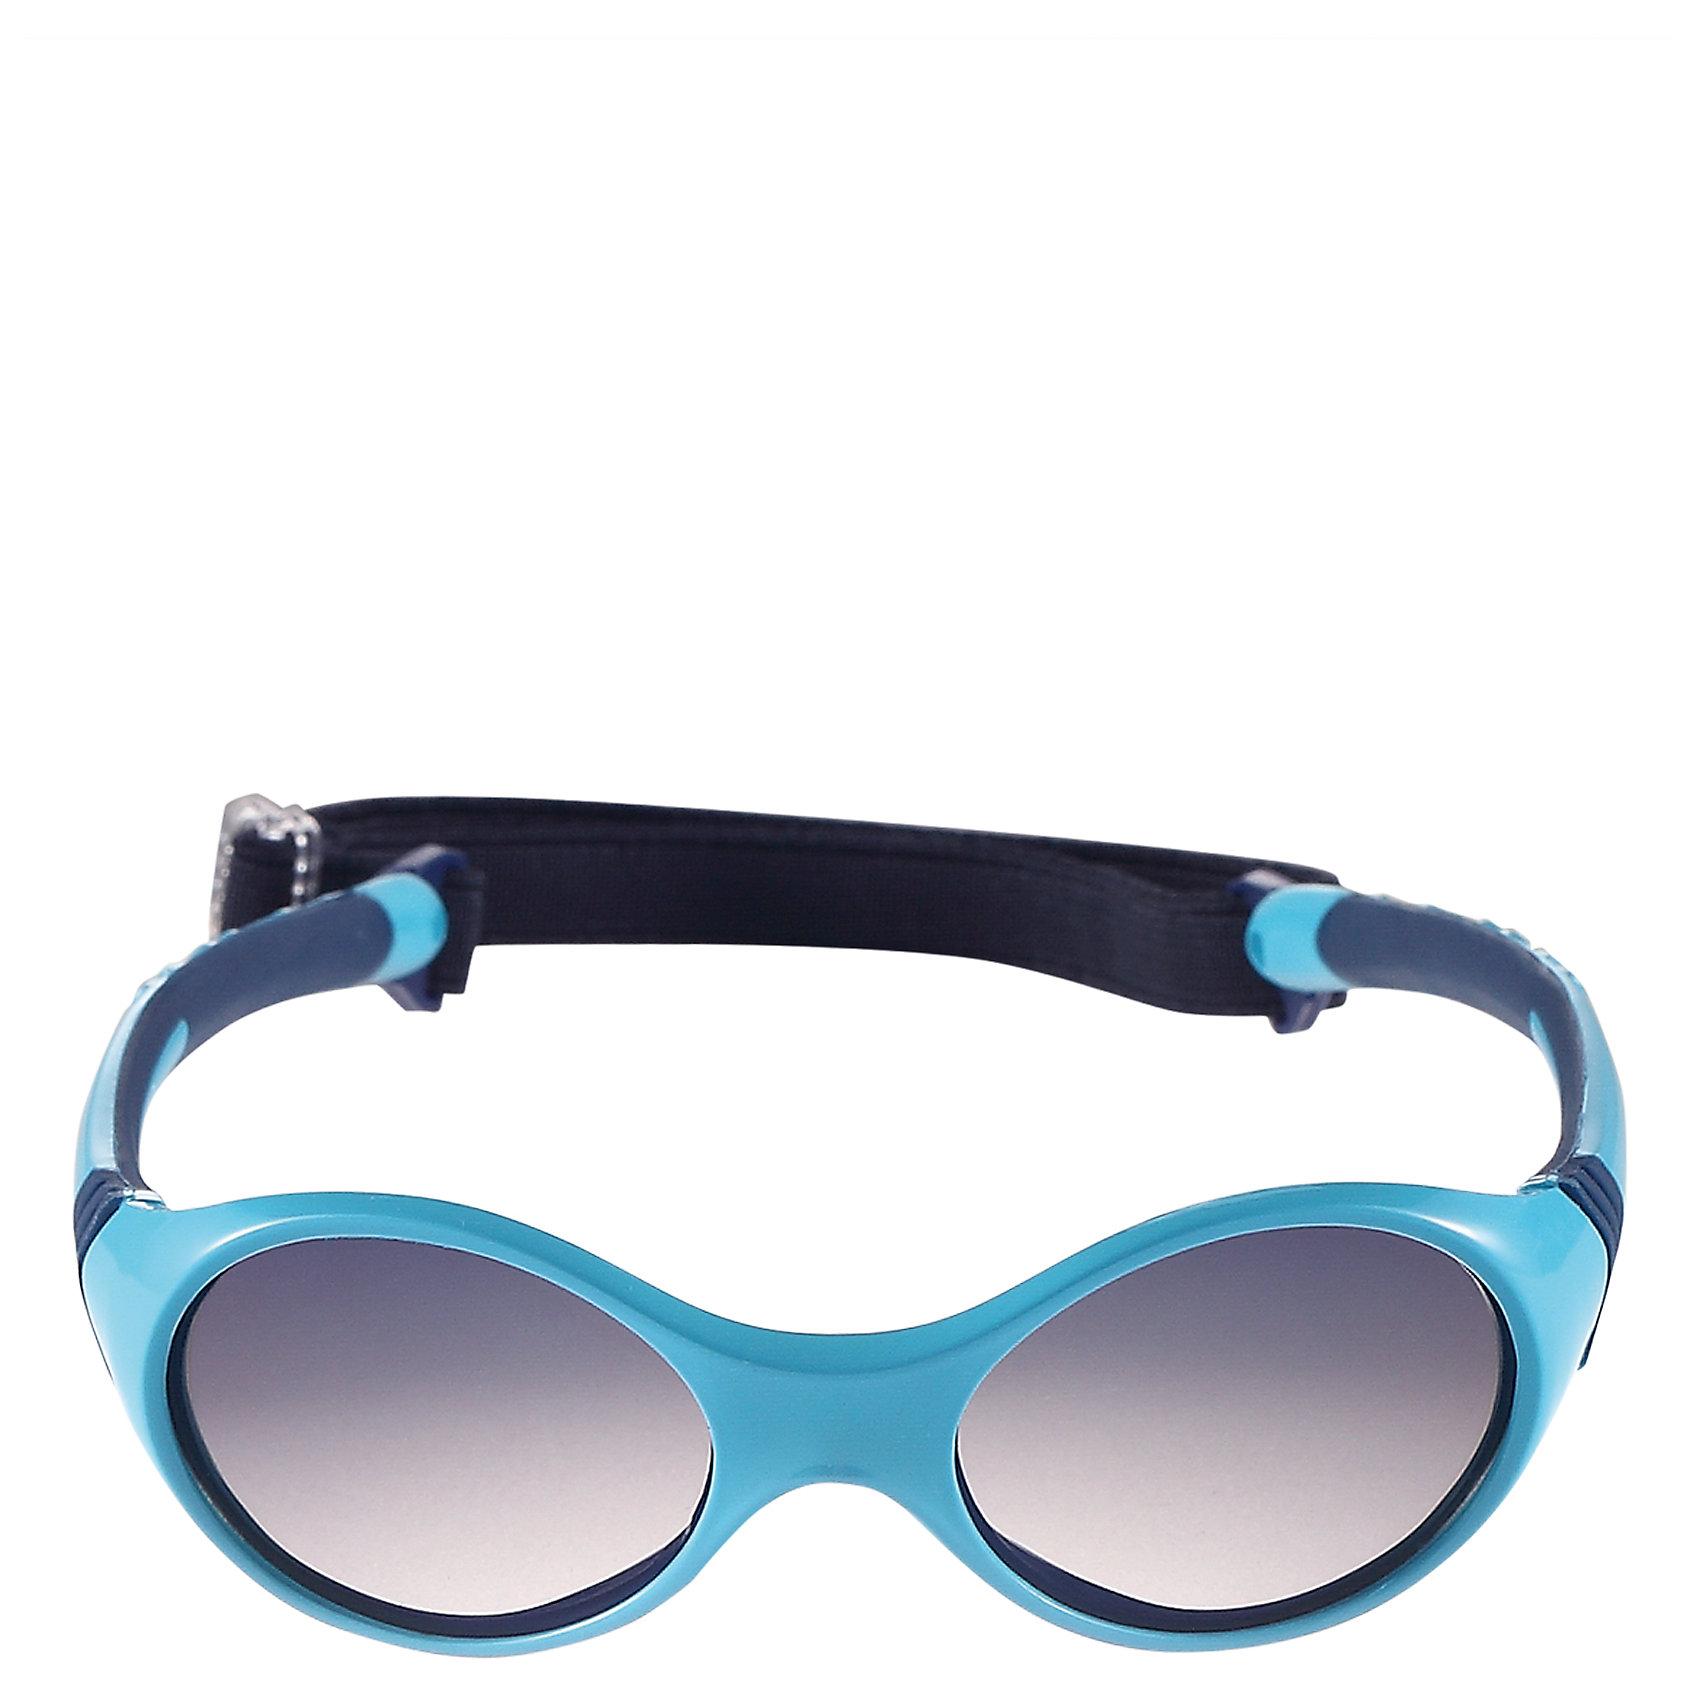 Солнцезащитные очки Ankka ReimaХарактеристики товара:<br><br>• цвет: голубой<br>• состав: оправа - TPEE/TPR/TR90/Резина, линзы - PC<br>• возраст: 0+<br>• 3 степень УФА + УФВ защиты<br>• съёмная эластичная резинка<br>• поляризованные зеркальные линзы<br>• обработка противотуманным покрытием<br>• мягкая и эластичная оправа <br>• защитный чехол в комплекте<br>• регулируемый размер<br>• европейский сертификат соответствия<br>• защита от ультрафиолетовых лучей спектра A и спектра B класса 5<br>• страна производства: Китай<br>• страна бренда: Финляндия<br>• коллекция: весна-лето 2017<br><br>Специальные очки помогут уберечь глаза детей от повреждения прямыми солнечными лучами. Эта модель разрабатывалась для малышей - у неё мягкая оправа с очень комфортной посадкой, зеркальные линзы со специальной обработкой, есть защитный чехол. Очки не только хорошо проработаны, они стильно смотрятся!<br><br>Обувь и одежда от финского бренда Reima пользуются популярностью во многих странах. Они стильные, качественные и удобные. Для производства продукции используются только безопасные, проверенные материалы и фурнитура.<br><br>Солнцезащитные очки для девочки от финского бренда Reima (Рейма) можно купить в нашем интернет-магазине.<br><br>Ширина мм: 170<br>Глубина мм: 157<br>Высота мм: 67<br>Вес г: 117<br>Цвет: синий<br>Возраст от месяцев: 48<br>Возраст до месяцев: 72<br>Пол: Мужской<br>Возраст: Детский<br>Размер: one size<br>SKU: 5266116